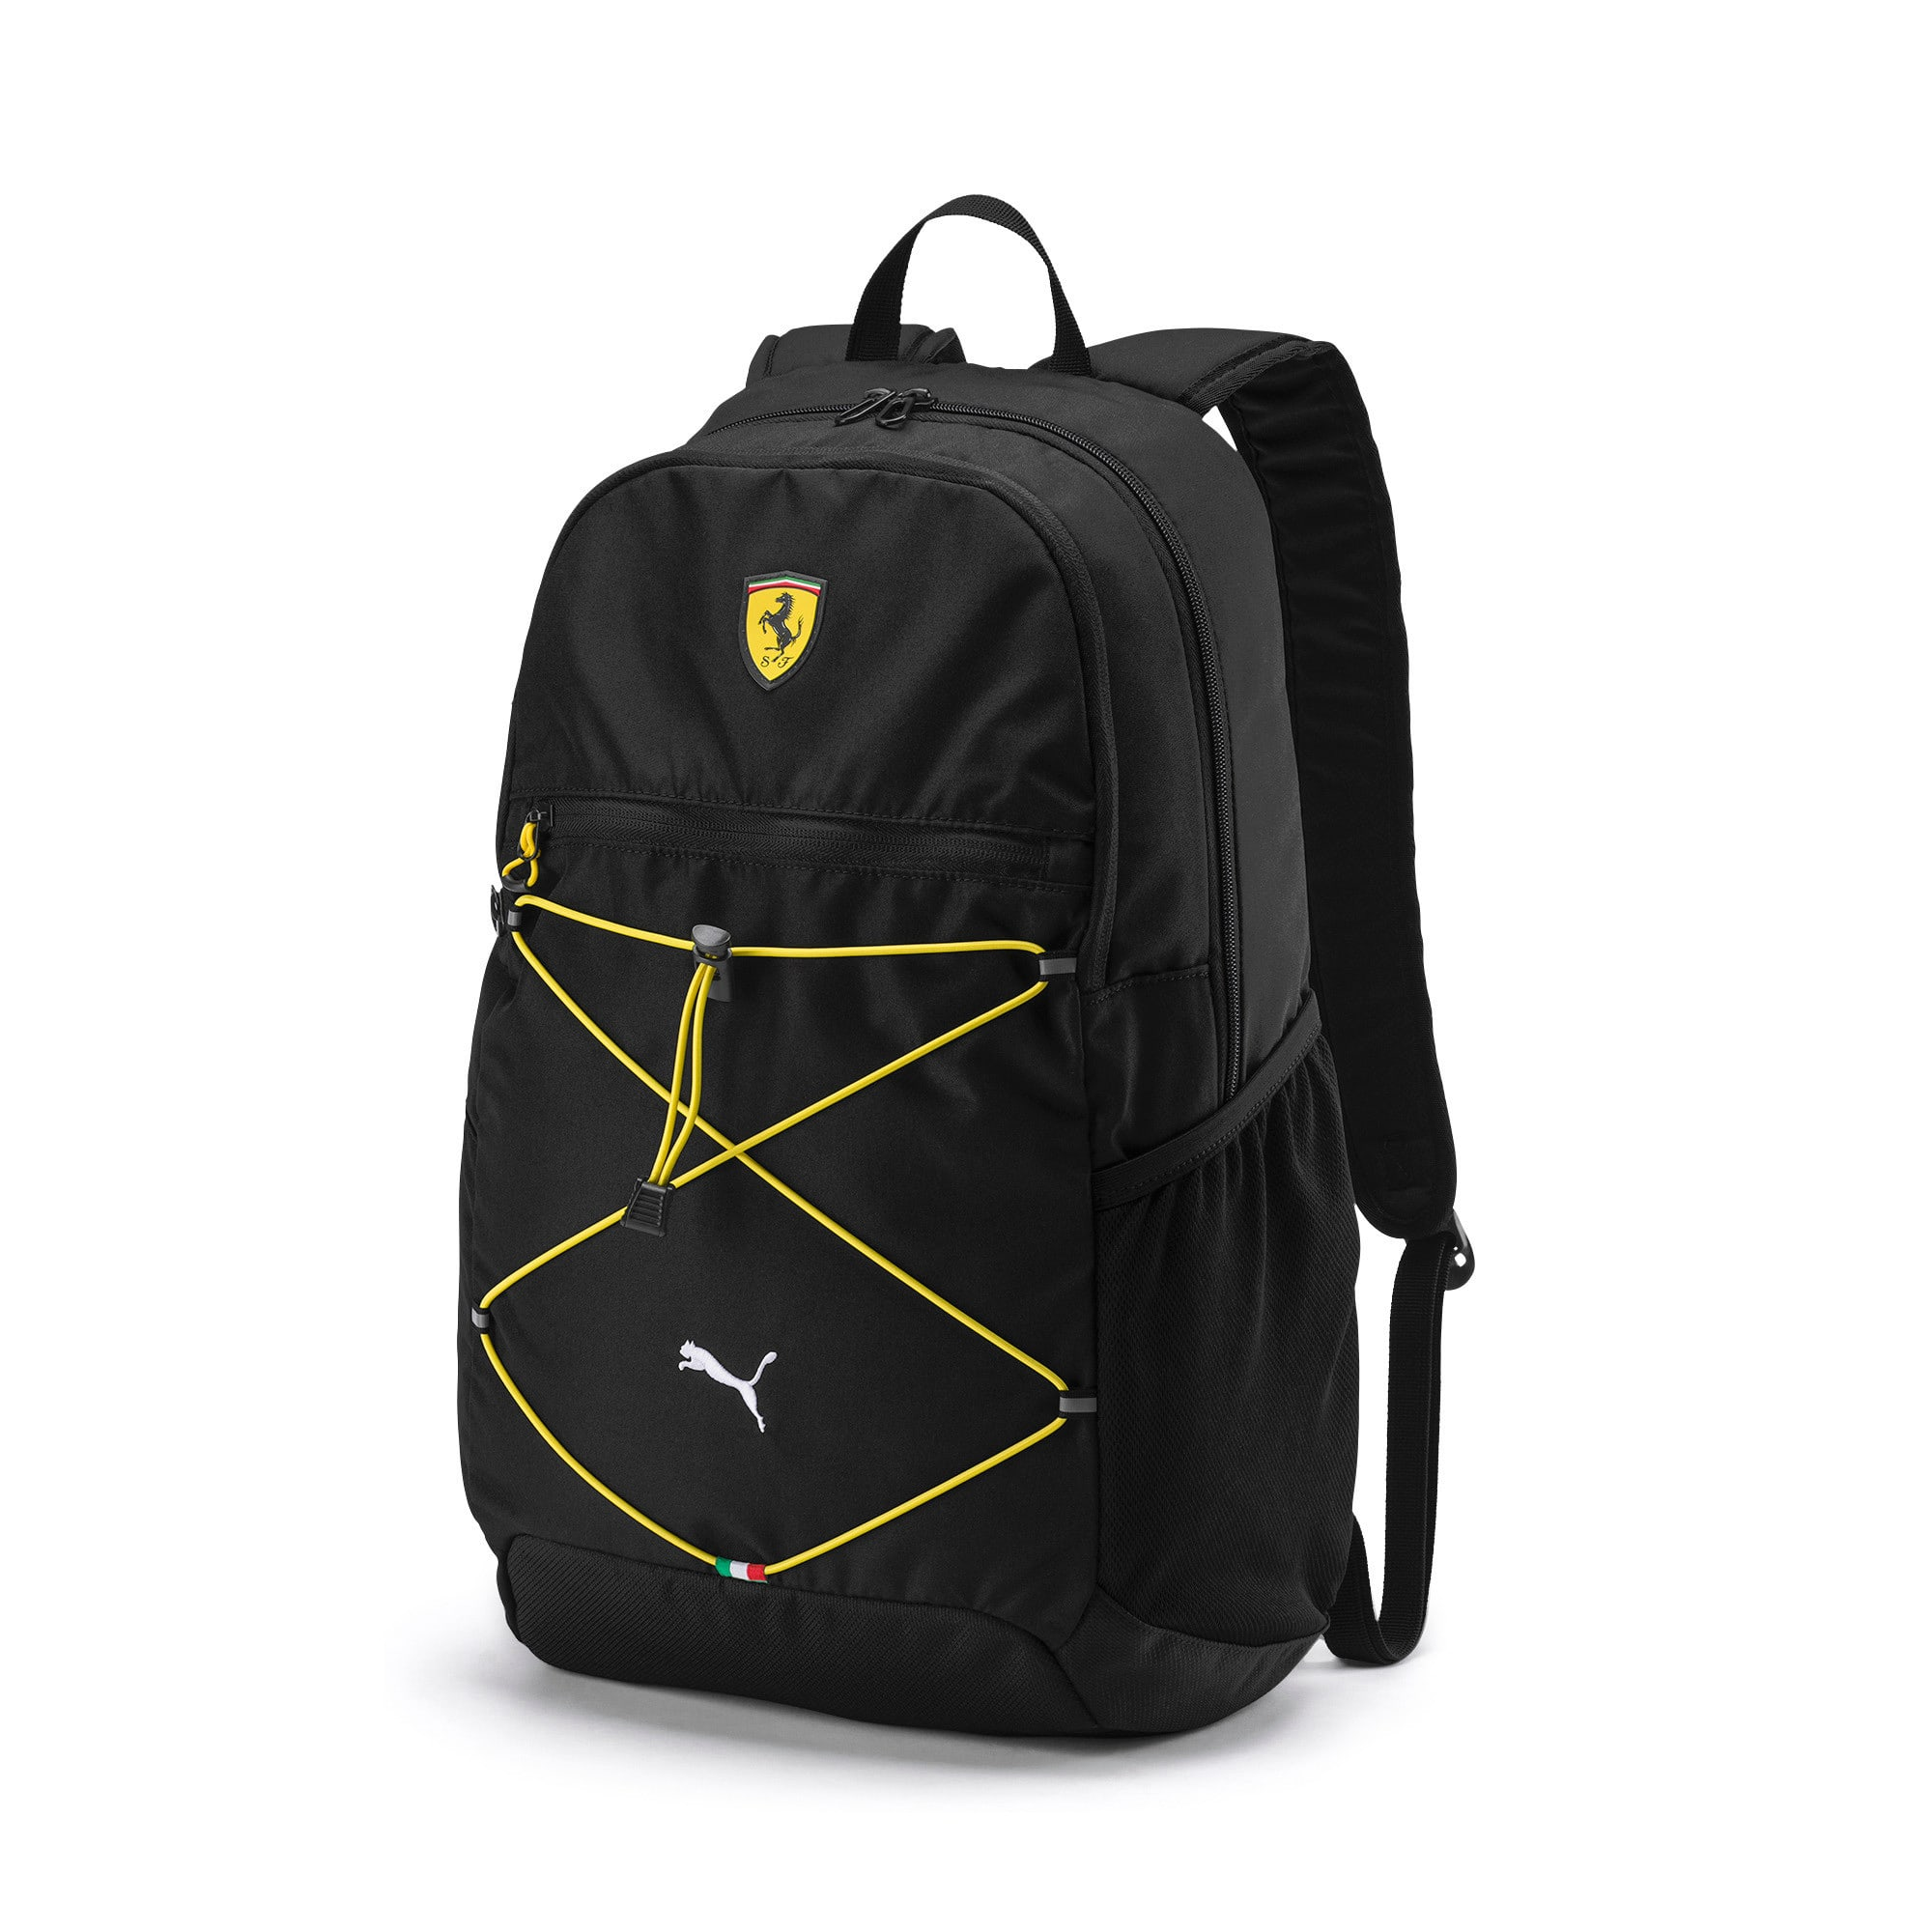 Thumbnail 1 of Scuderia Ferrari Fanwear Backpack, Puma Black, medium